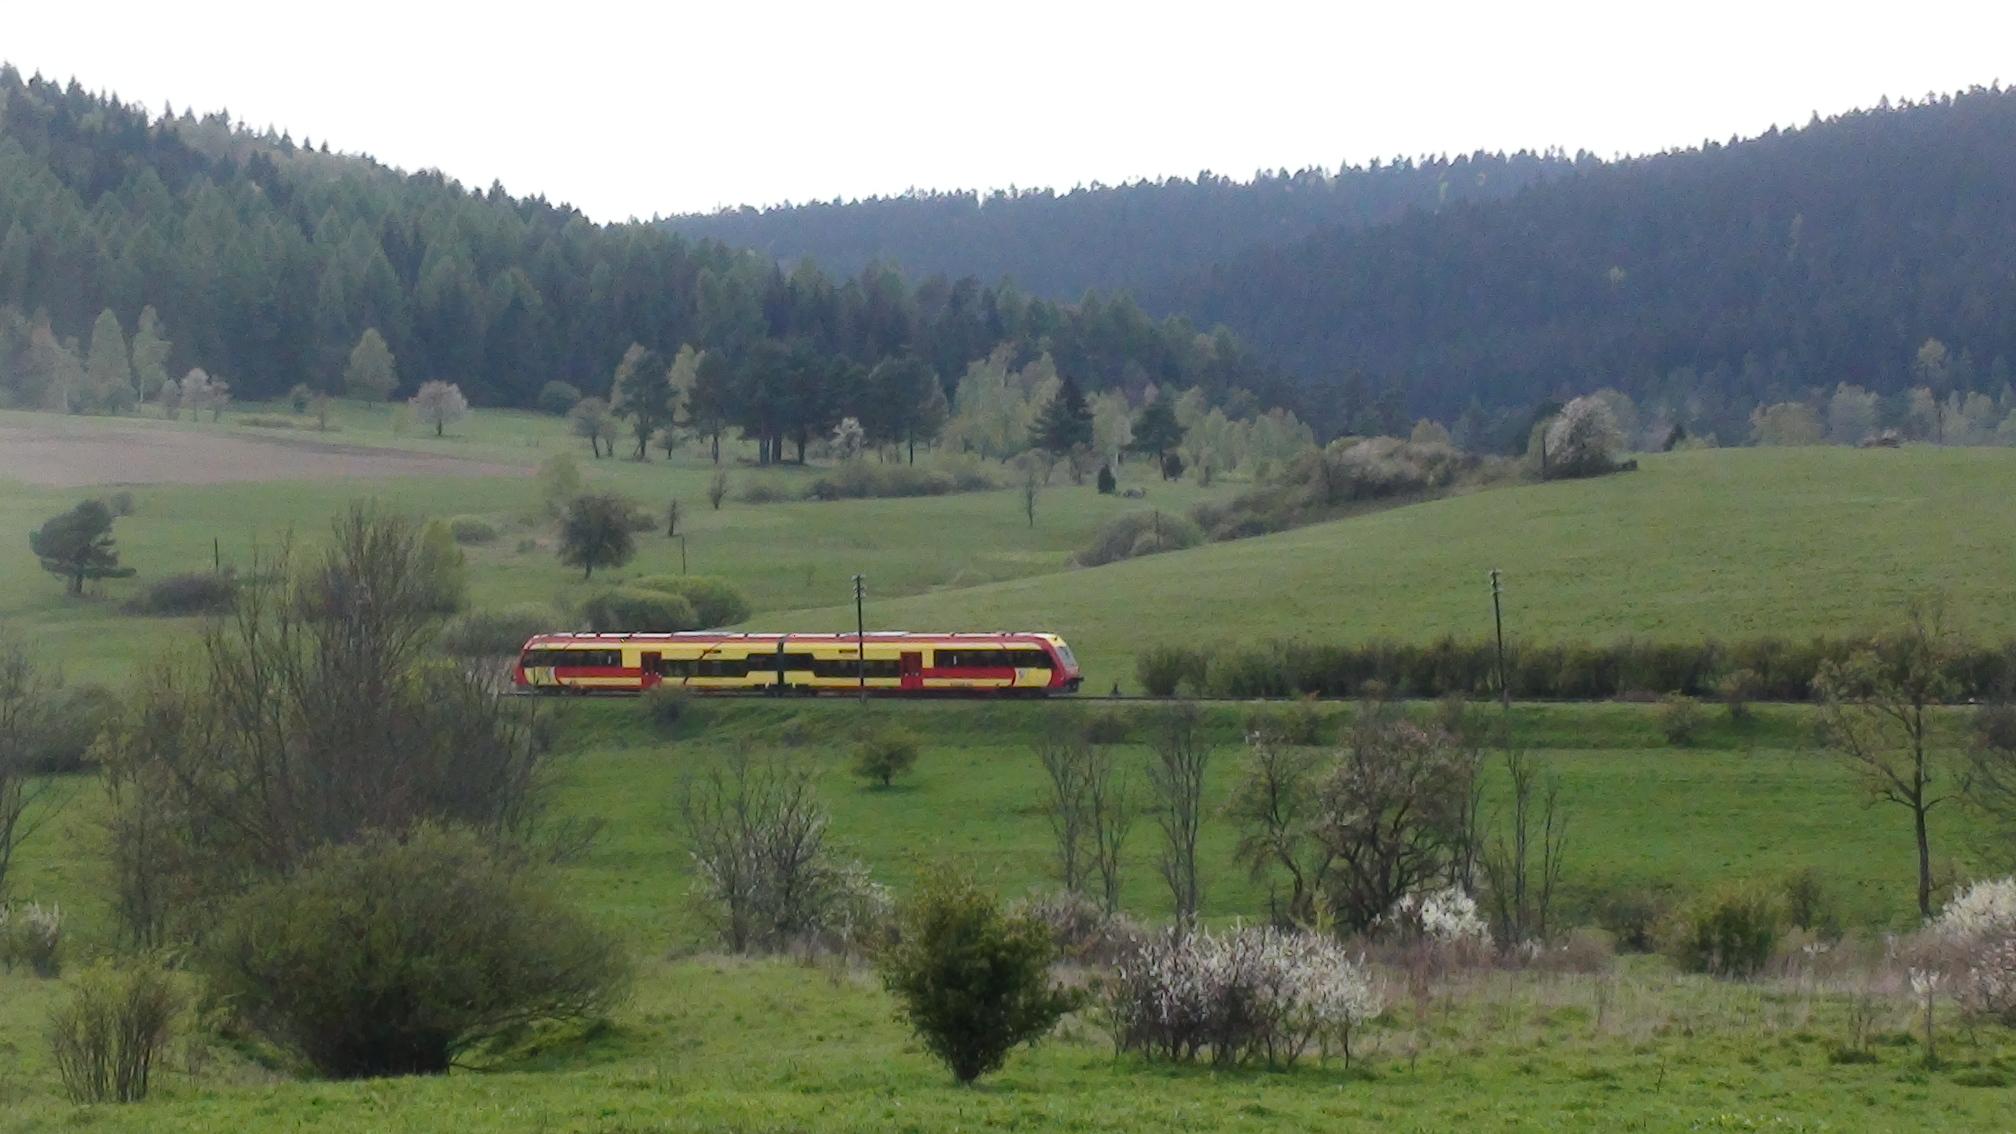 Linia kolejowa nr 107 jest jednym z najbardziej malowniczo położonych szlaków kolejowych w Polsce  (fot. Jerzy Zuba)